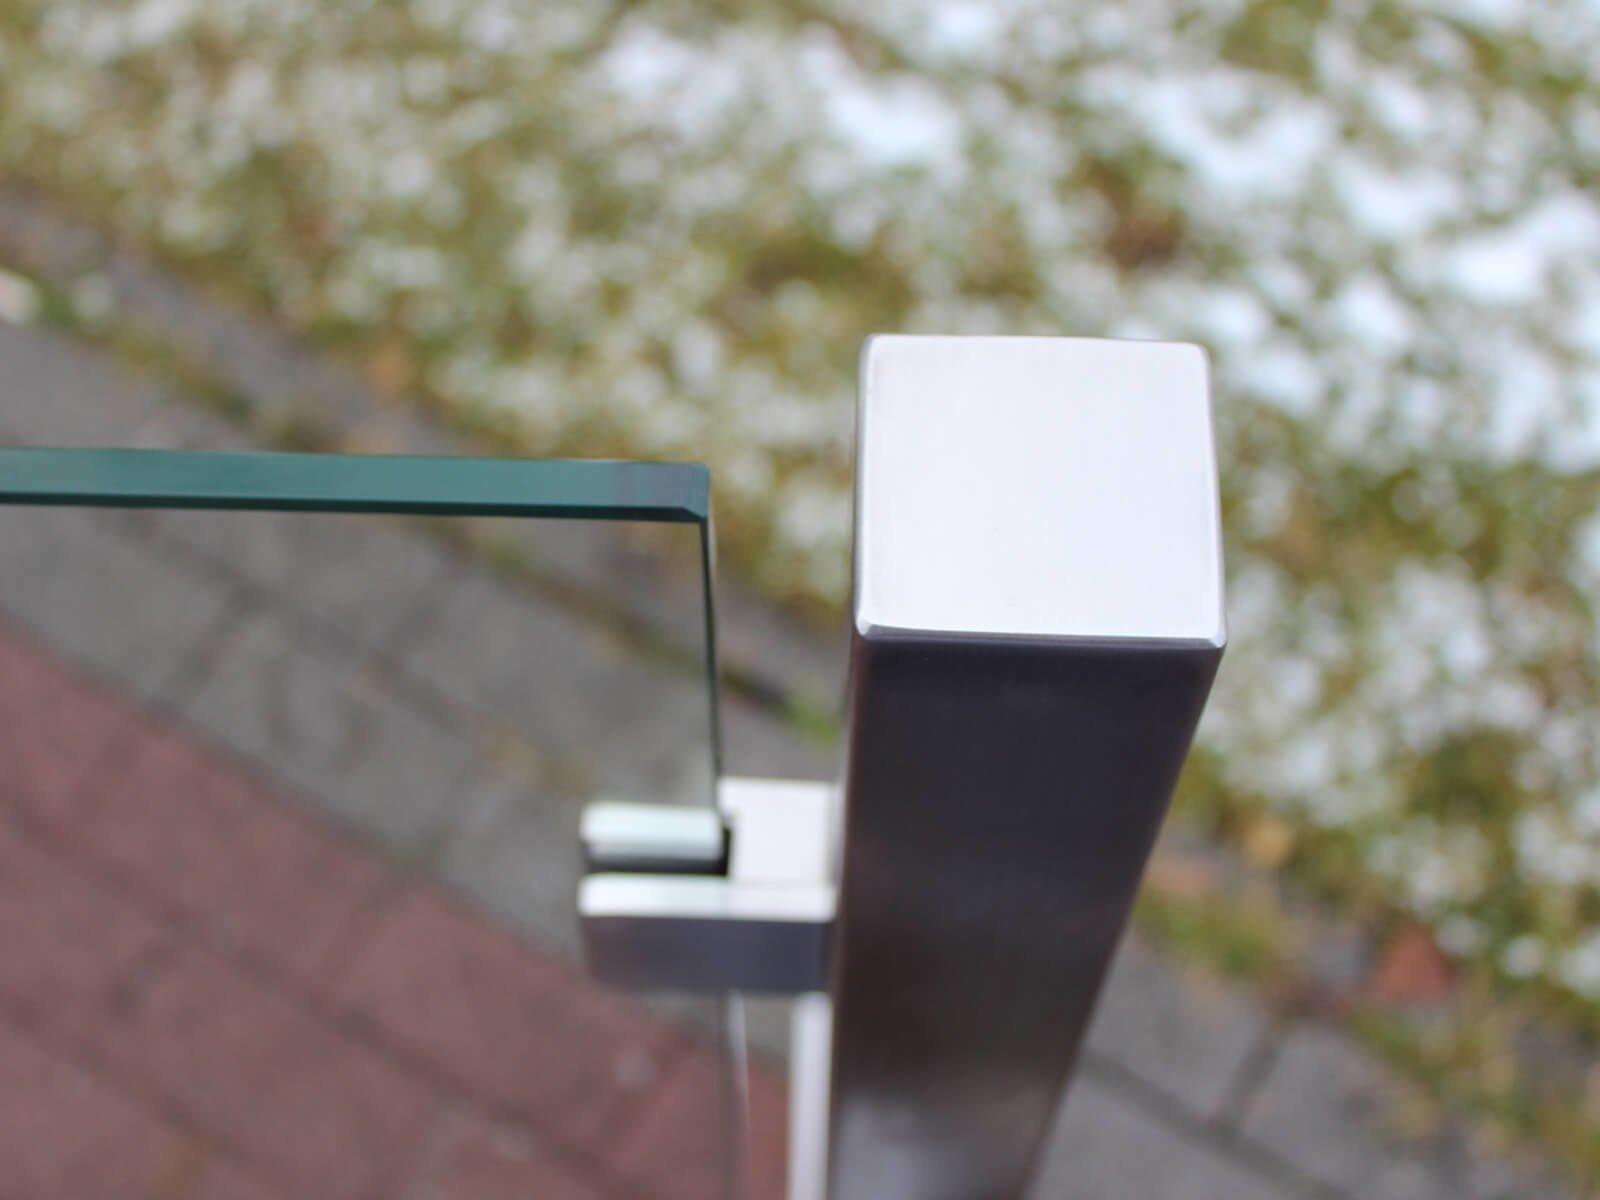 Mobiler Windschutz und Sichtschutz aus Glas ideale Idee euer Garten und Outdoor Bereiche